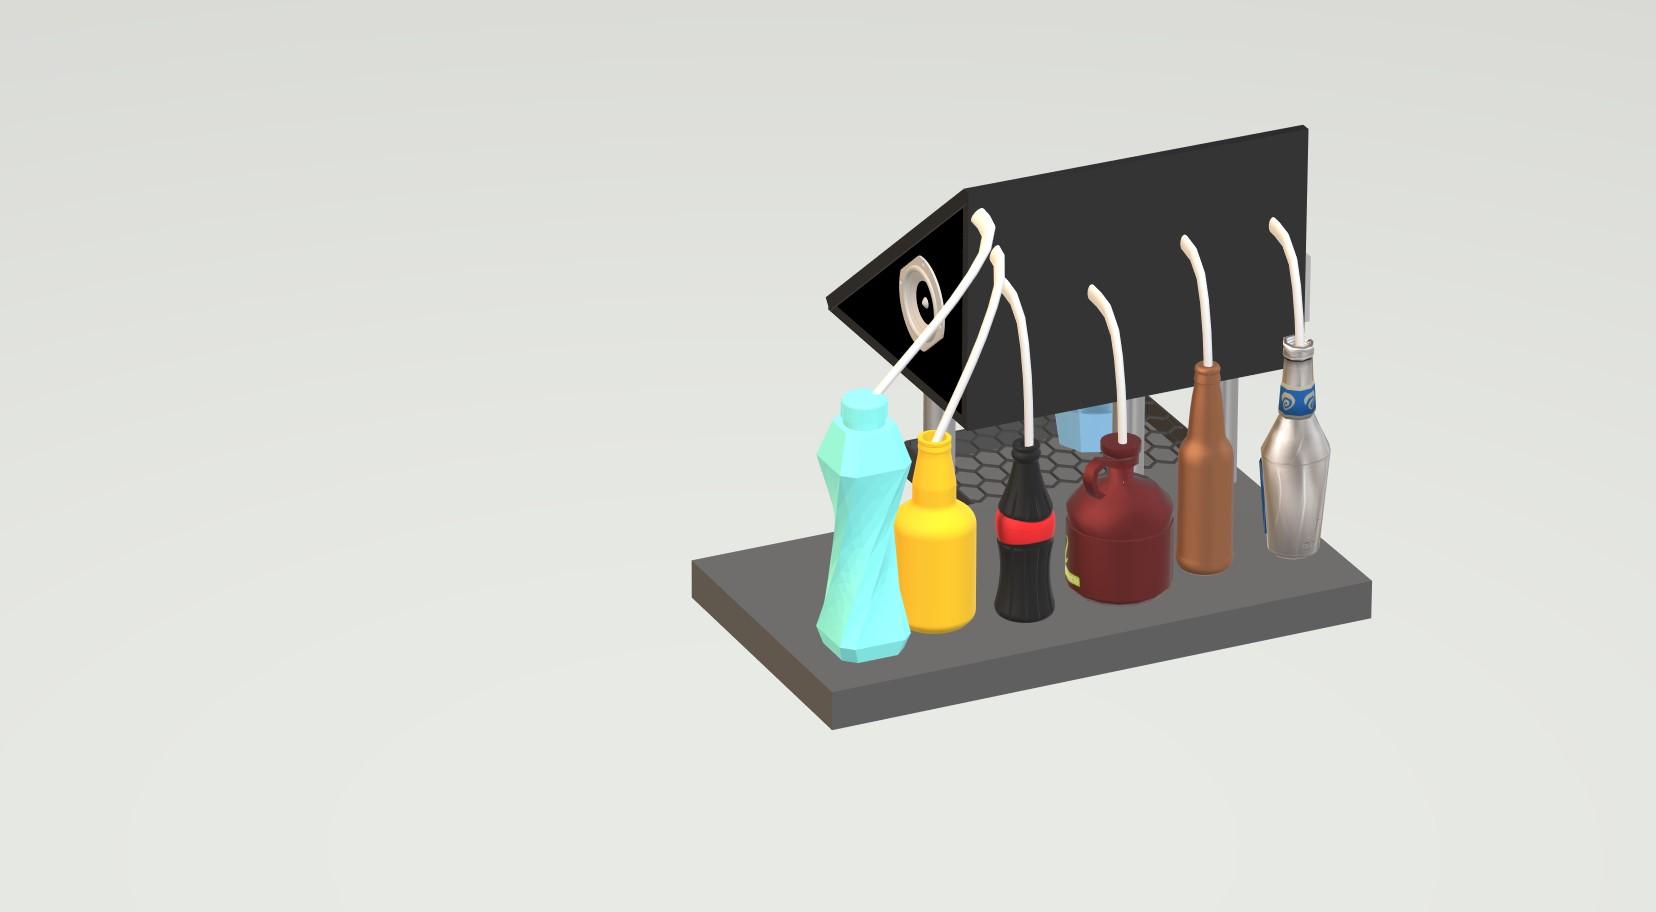 nevon open bar machine